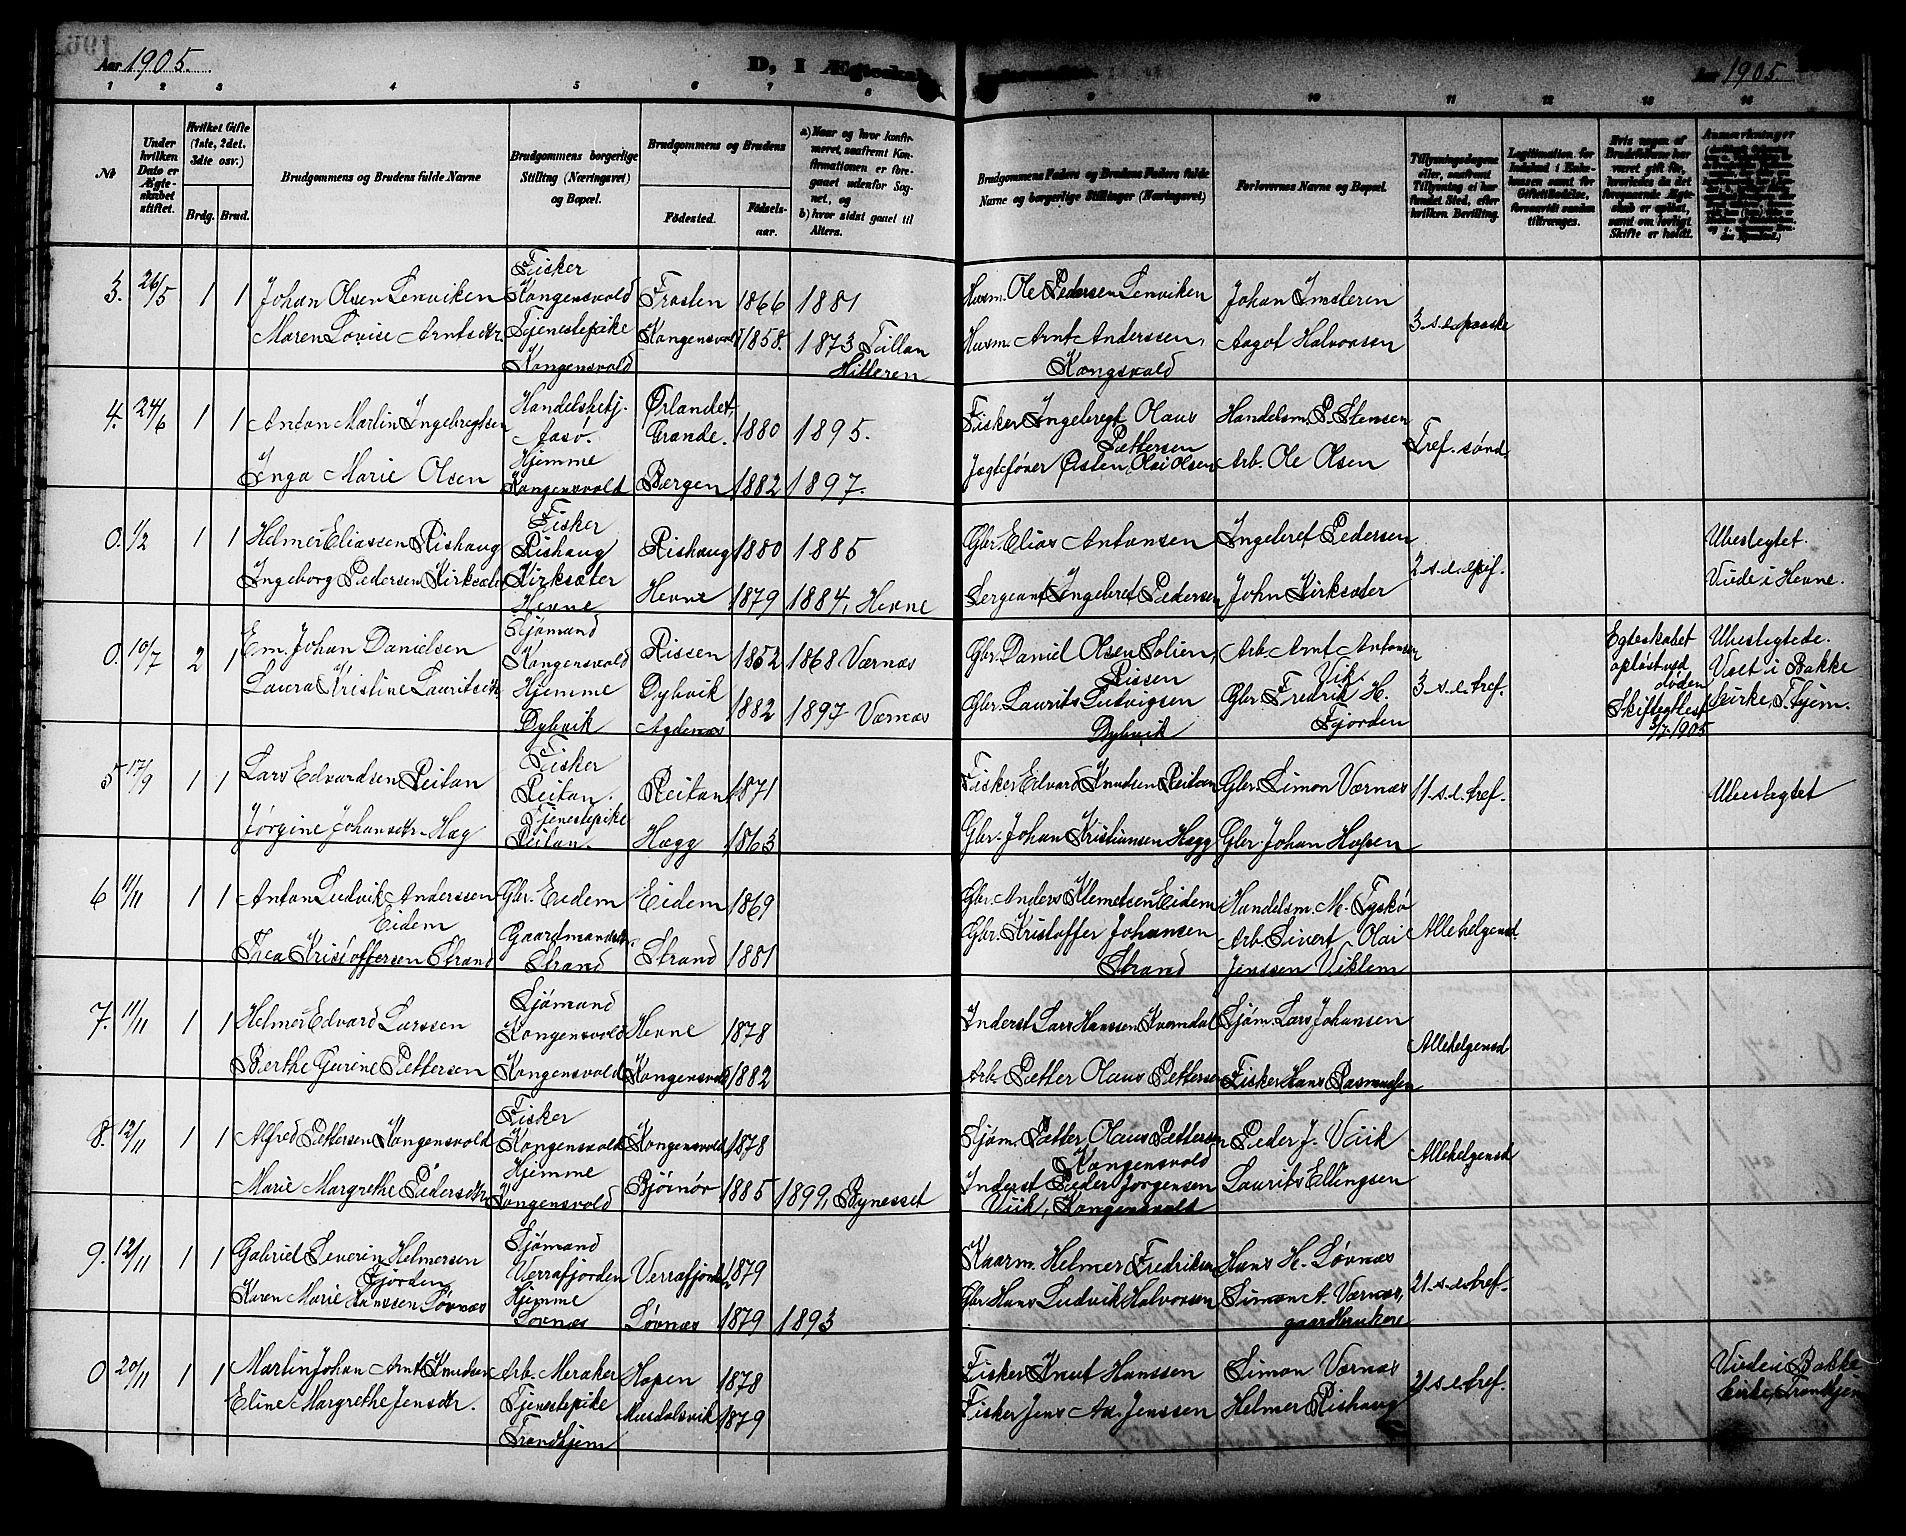 SAT, Ministerialprotokoller, klokkerbøker og fødselsregistre - Sør-Trøndelag, 662/L0757: Klokkerbok nr. 662C02, 1892-1918, s. 197